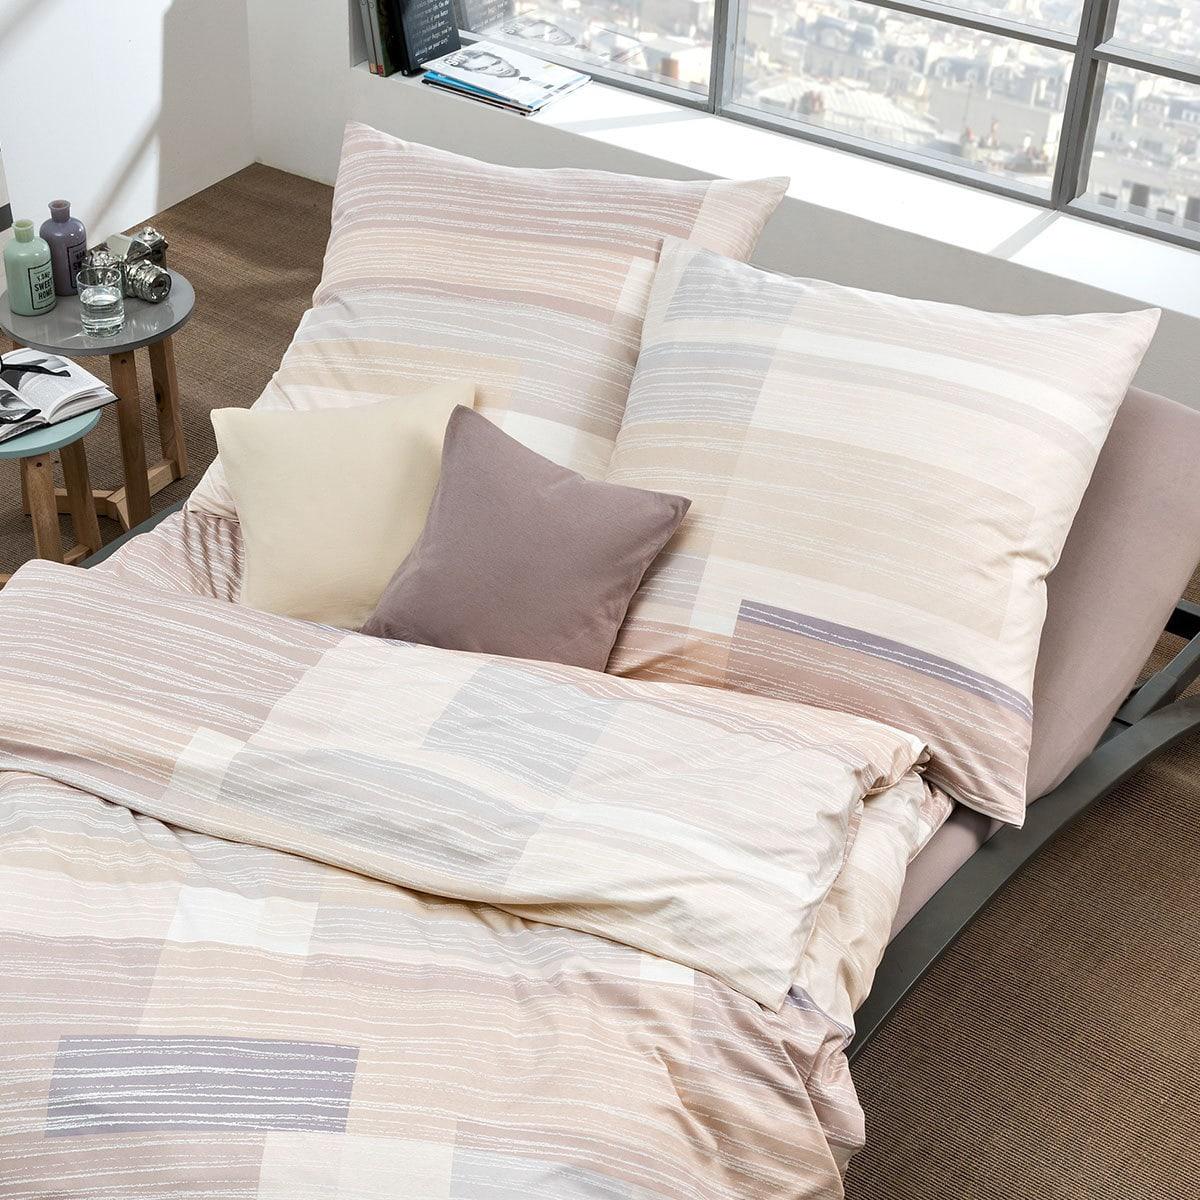 estella mako interlock jersey bettw sche henry sand g nstig online kaufen bei bettwaren shop. Black Bedroom Furniture Sets. Home Design Ideas